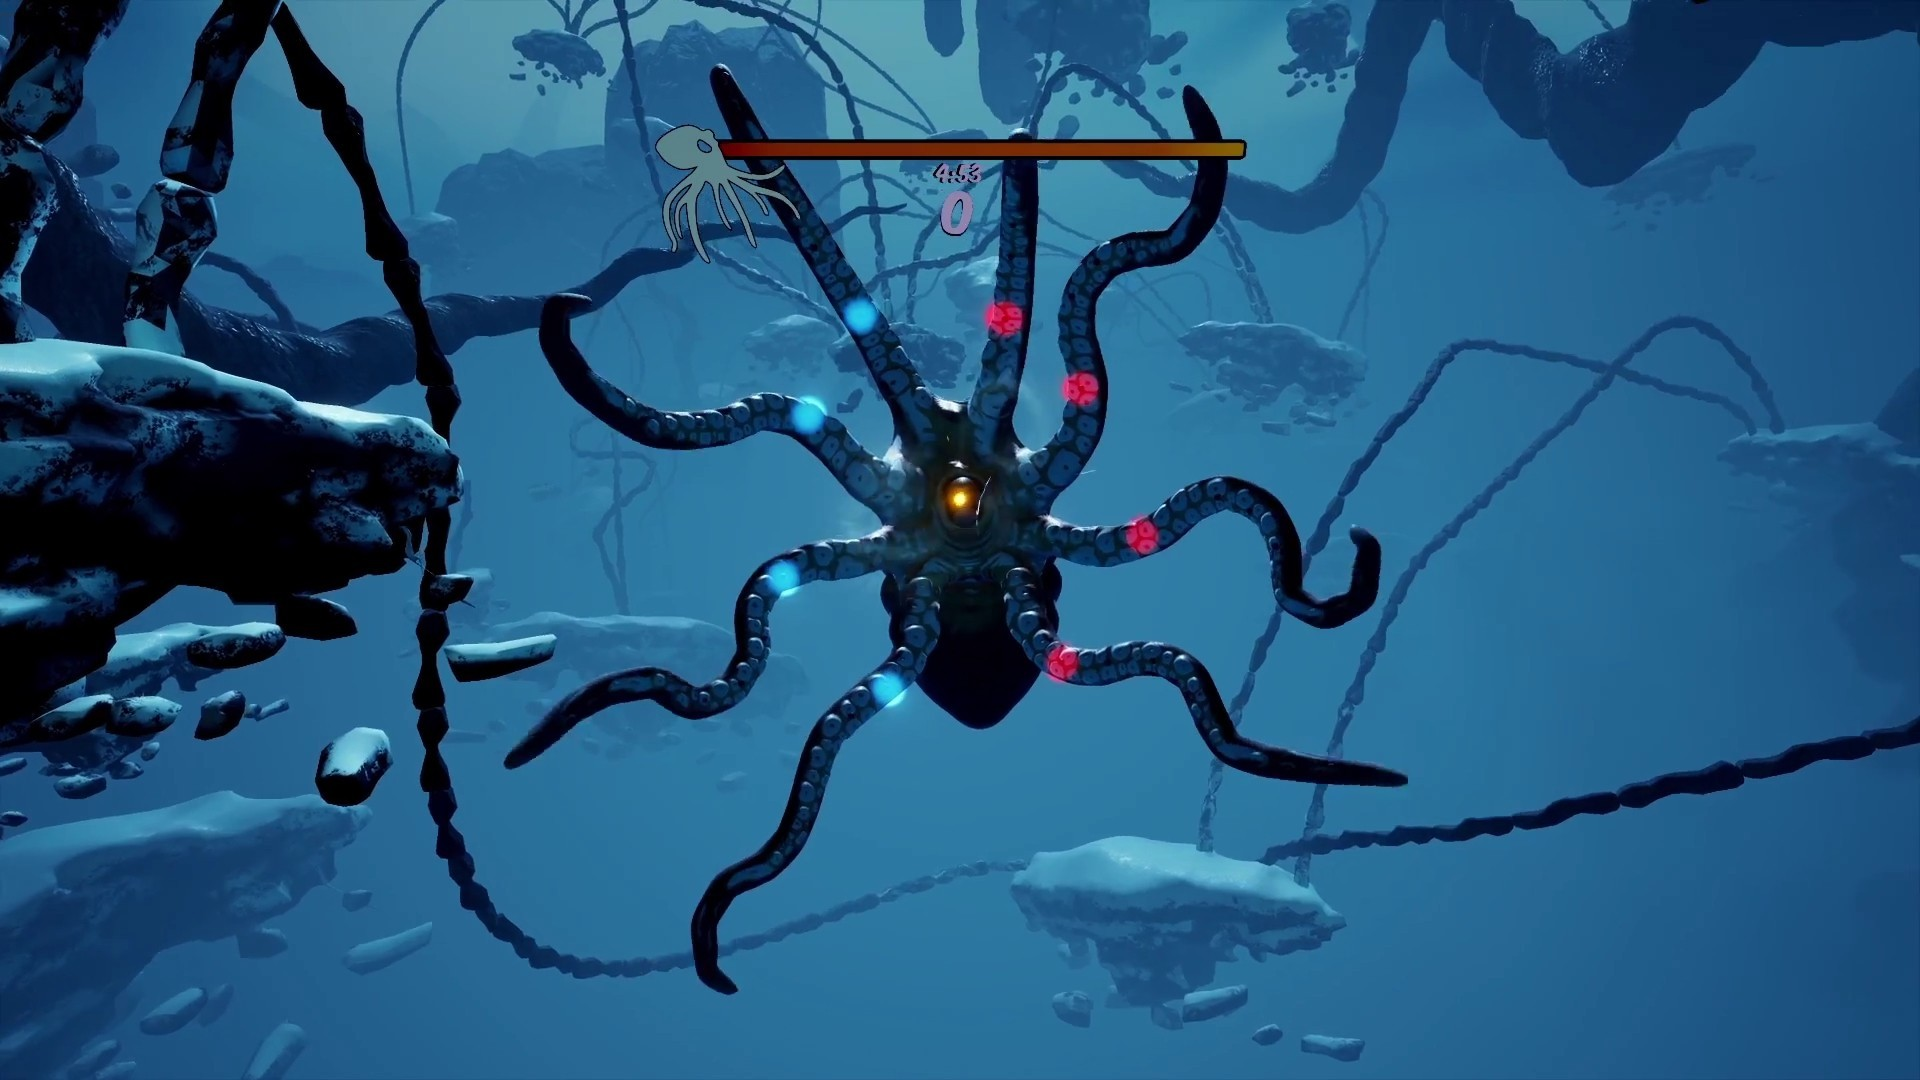 《DMC:鬼泣》团队推出VR游戏